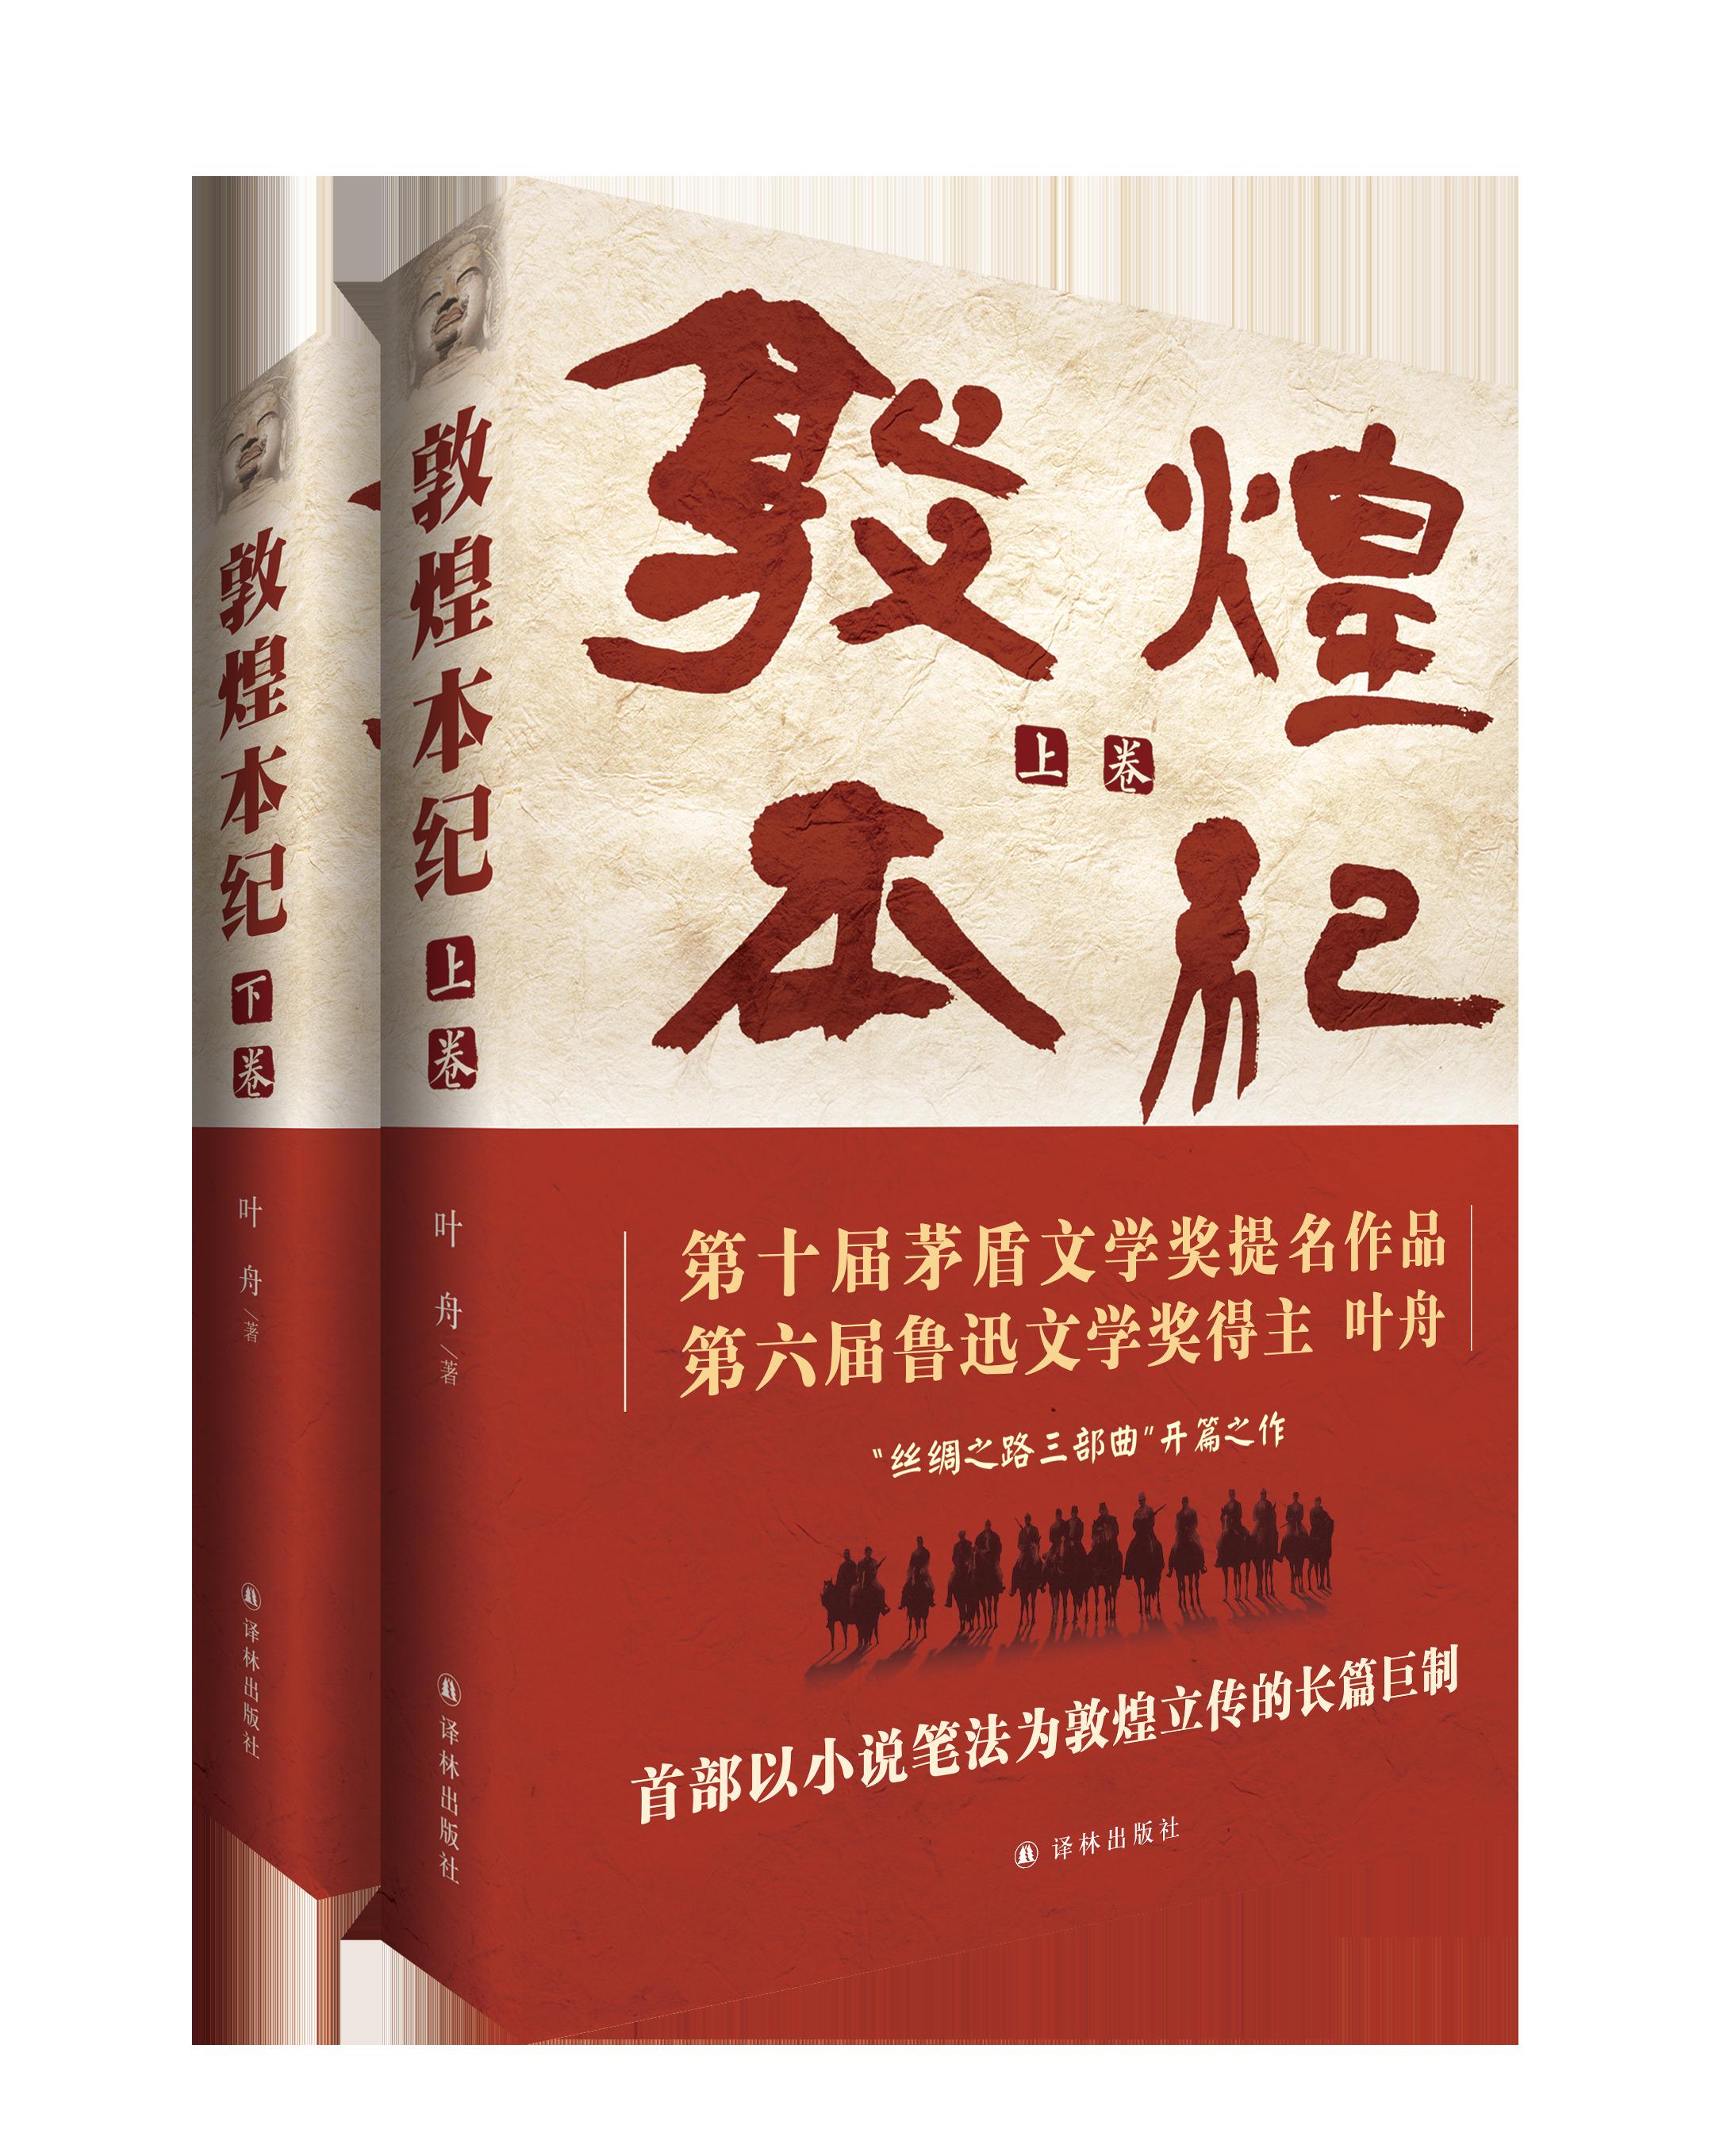 茅奖提名作品《敦煌本纪》全面热销,出版方多次加印以满足市场需求